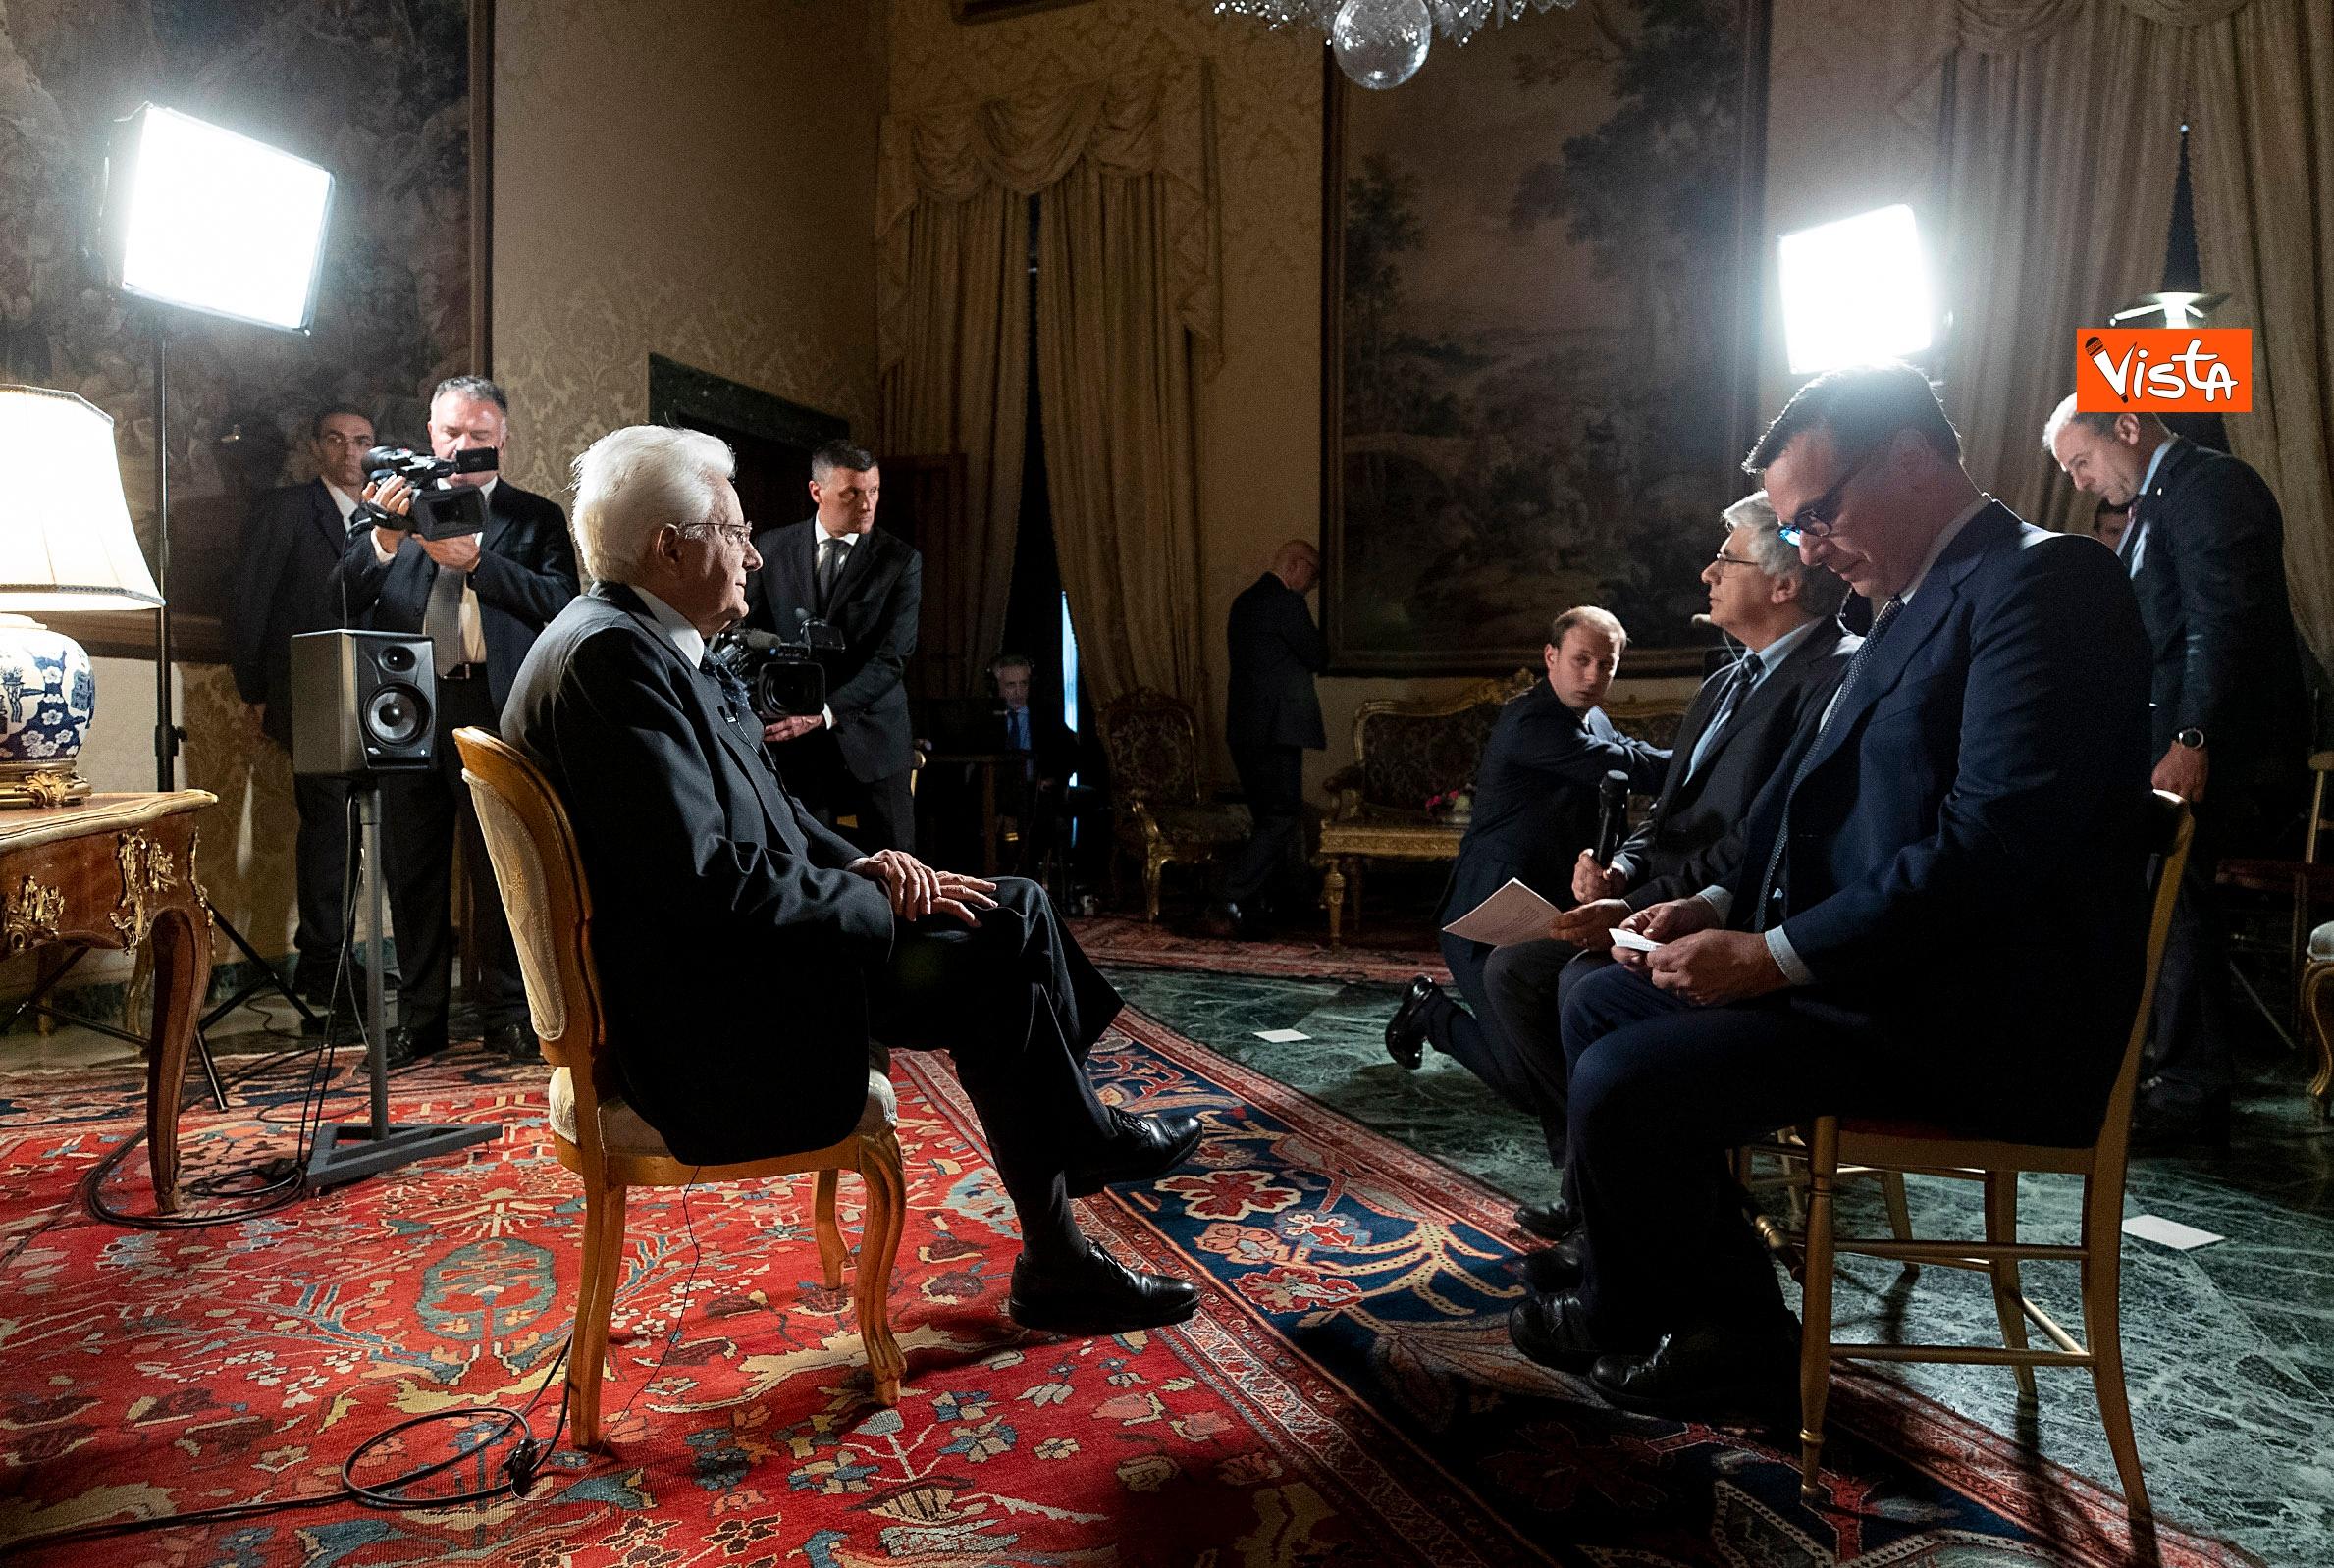 Mattarella intervistato dai media del Vaticano_02